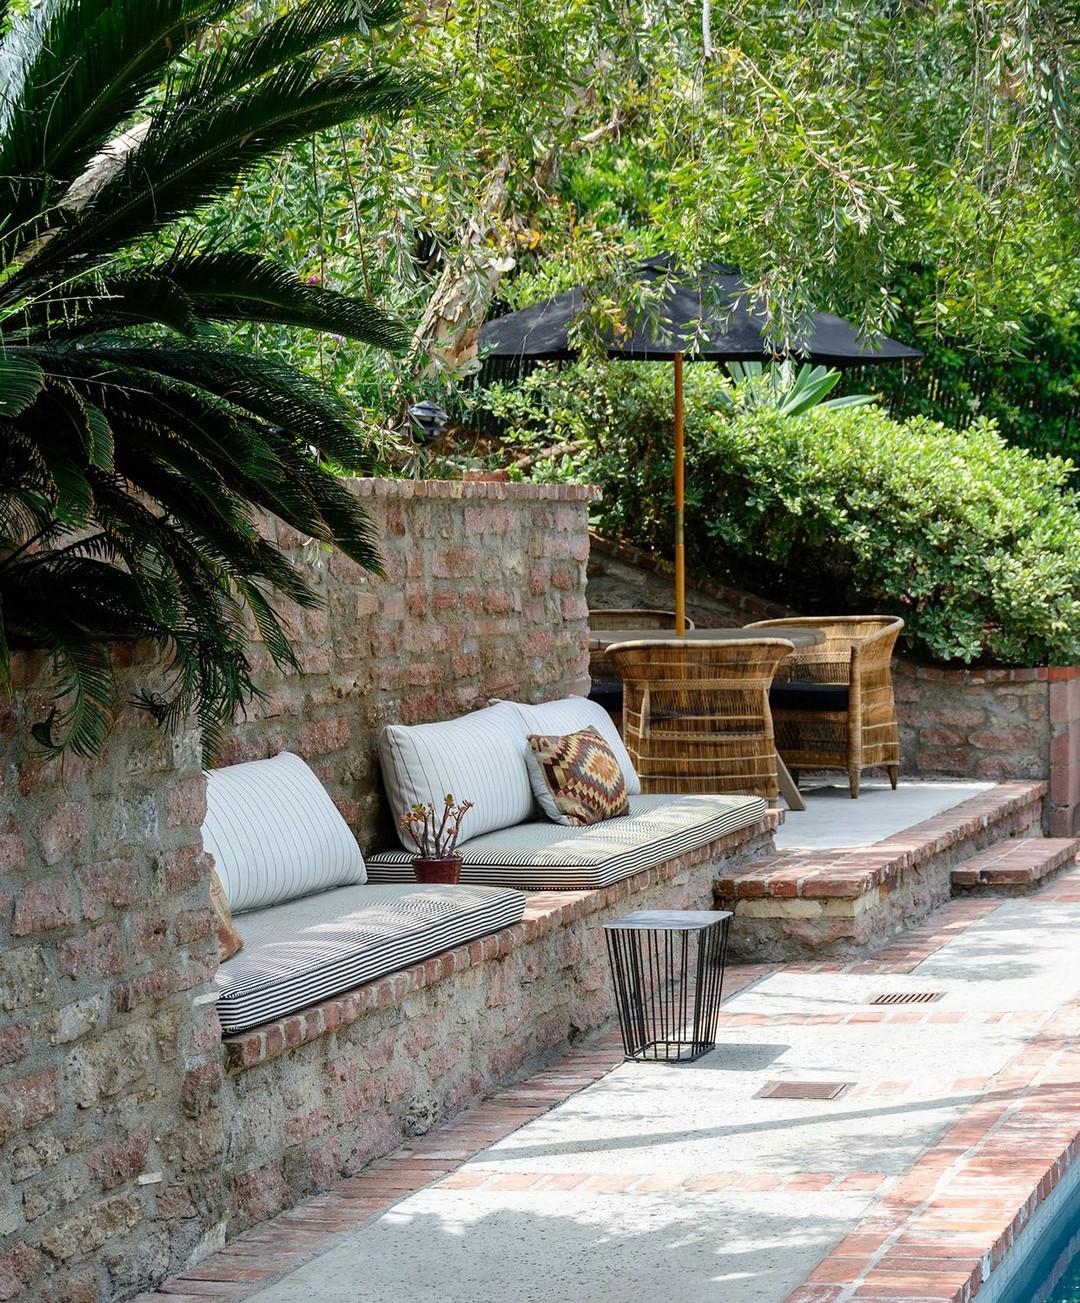 40+ Backyard Oasis Design That Make Your Garden More